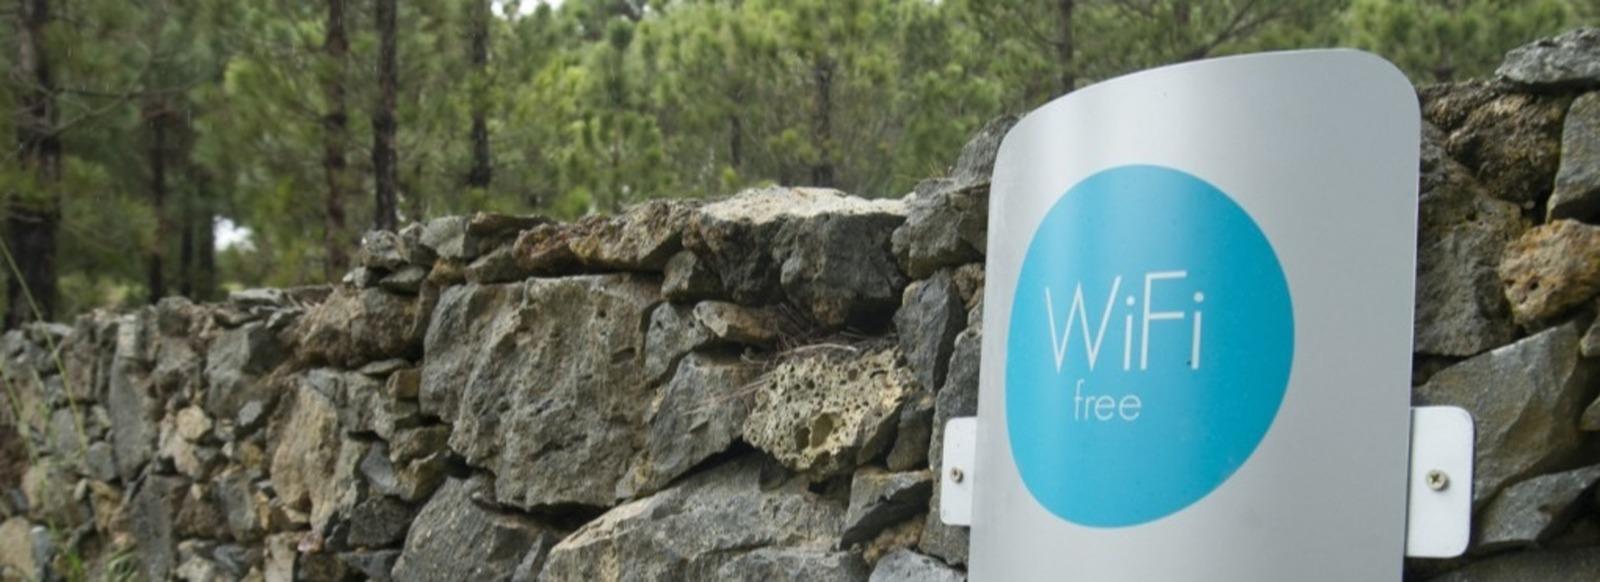 10 proyectos digitales que están cambiando el turismo